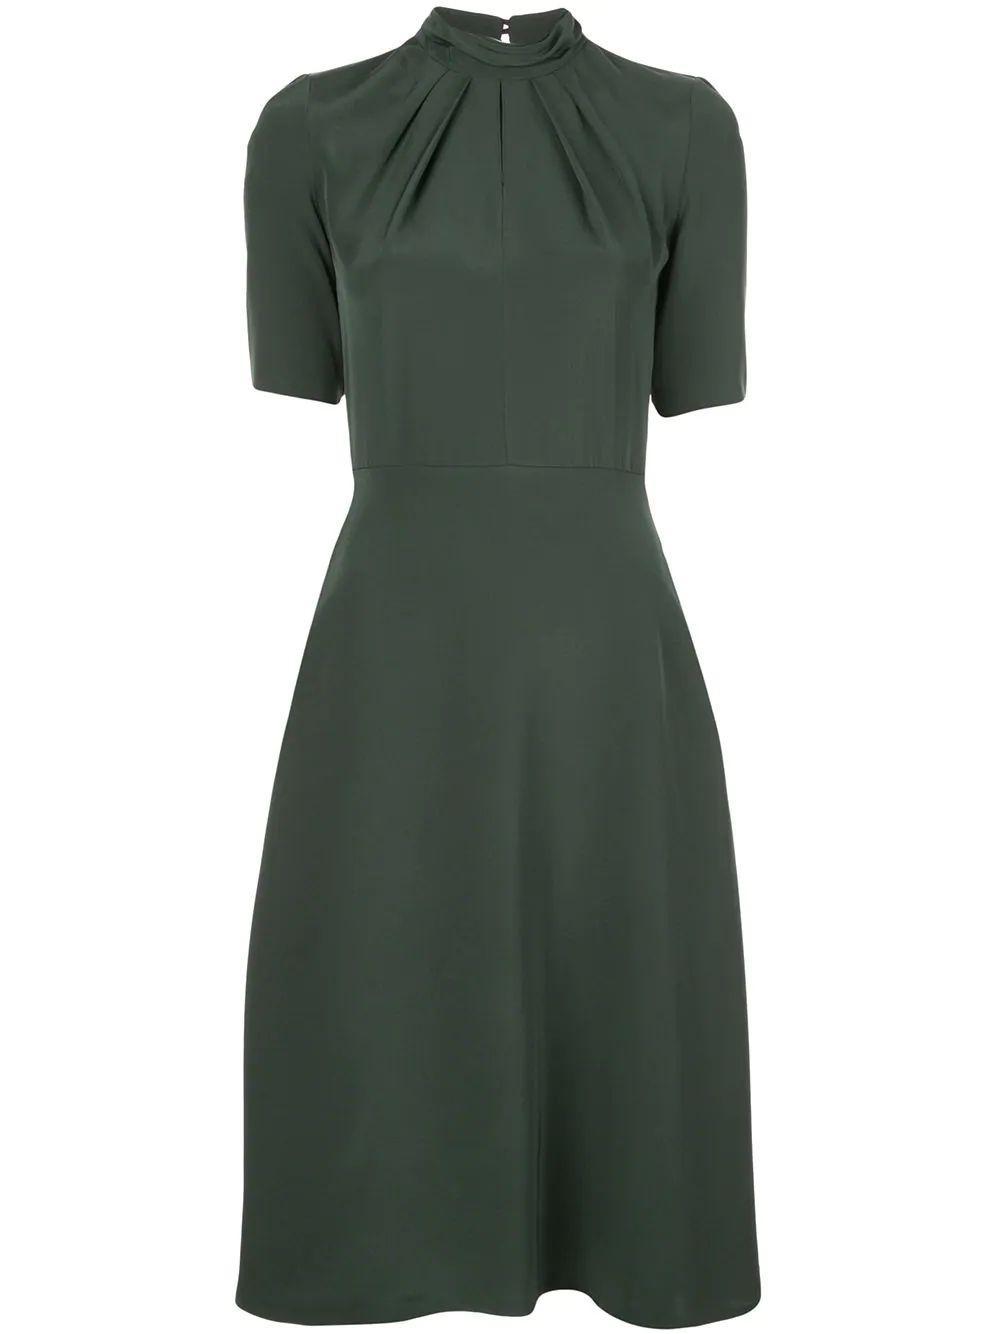 Elbow Sleeve Crepe Twist Neck Dress